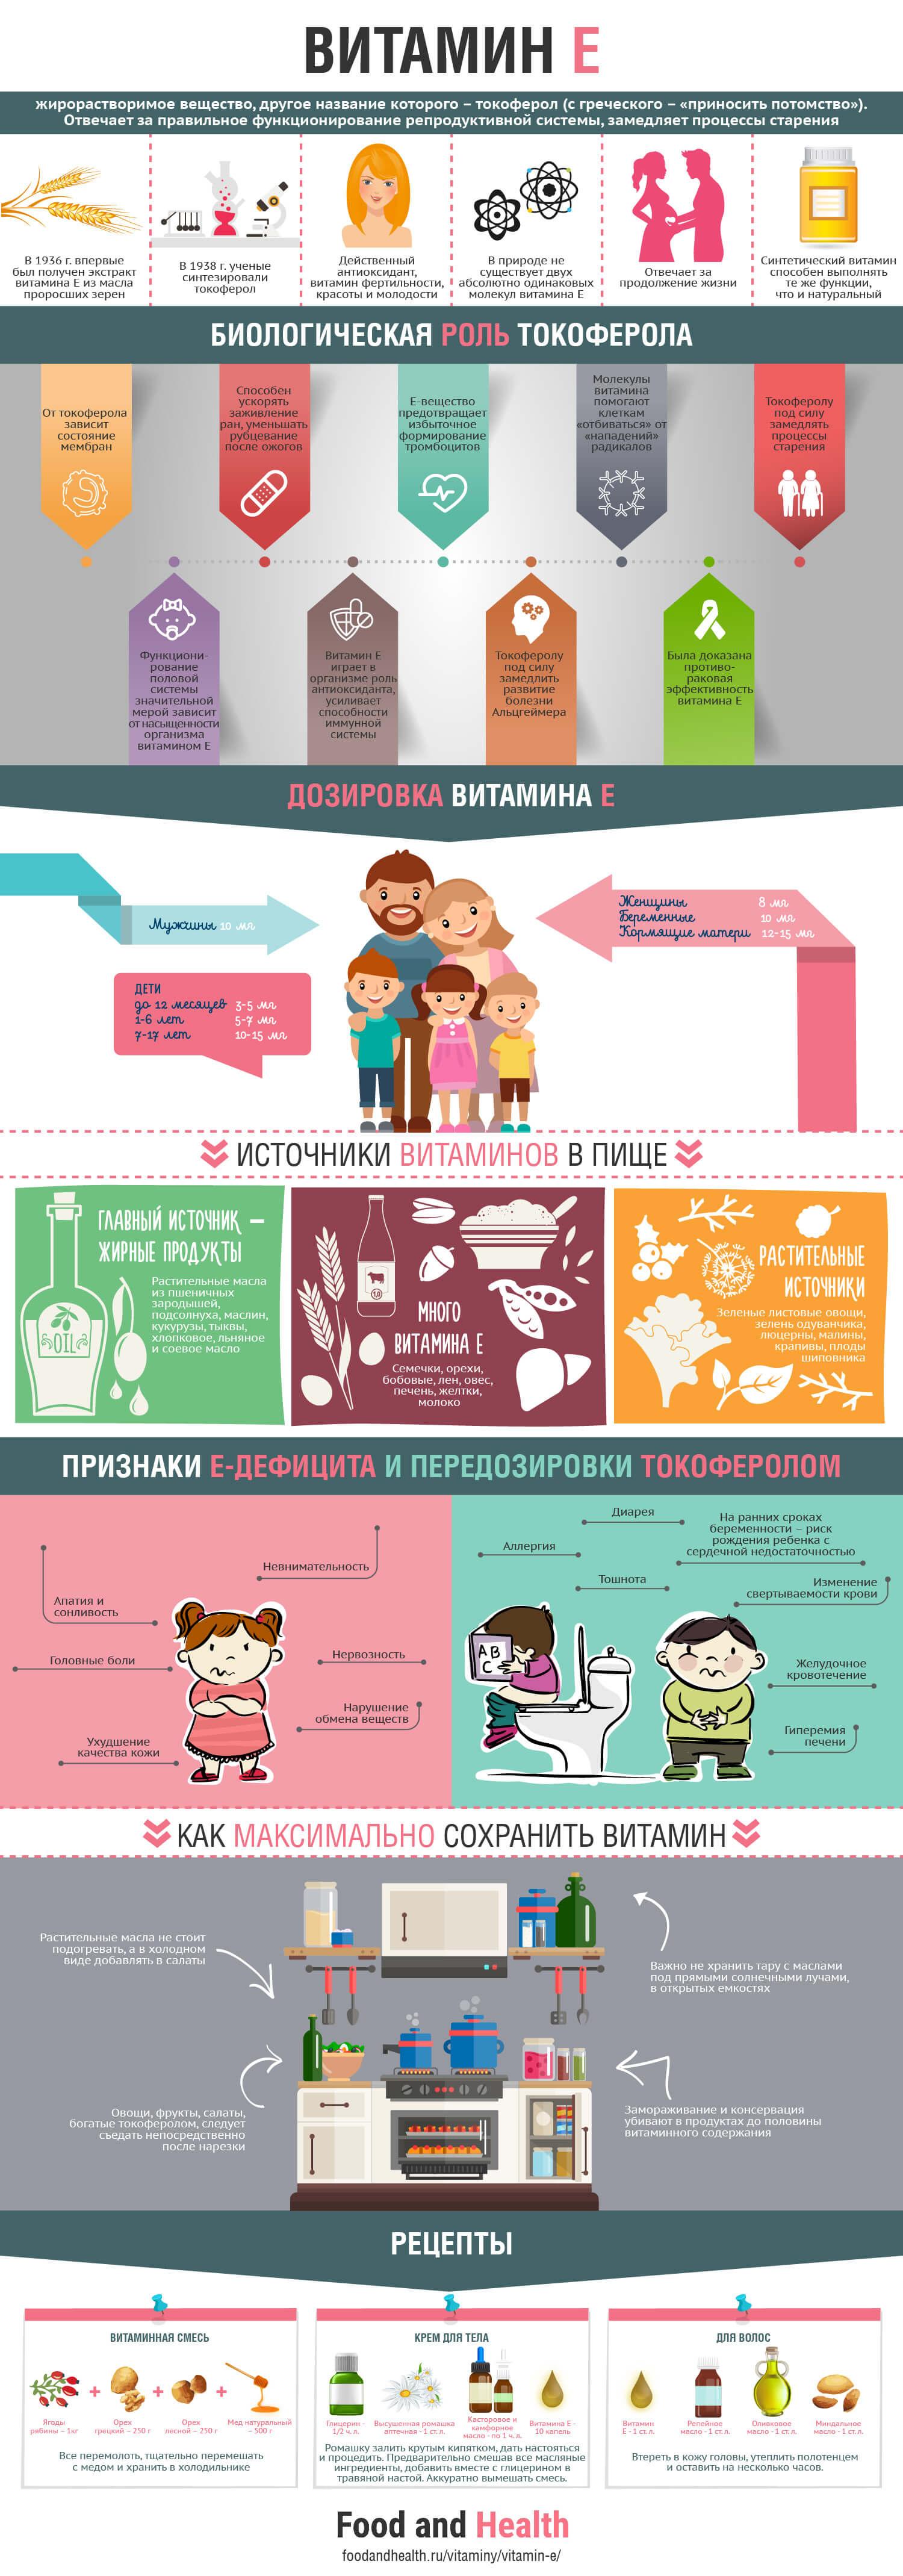 Витамин E: инфографика